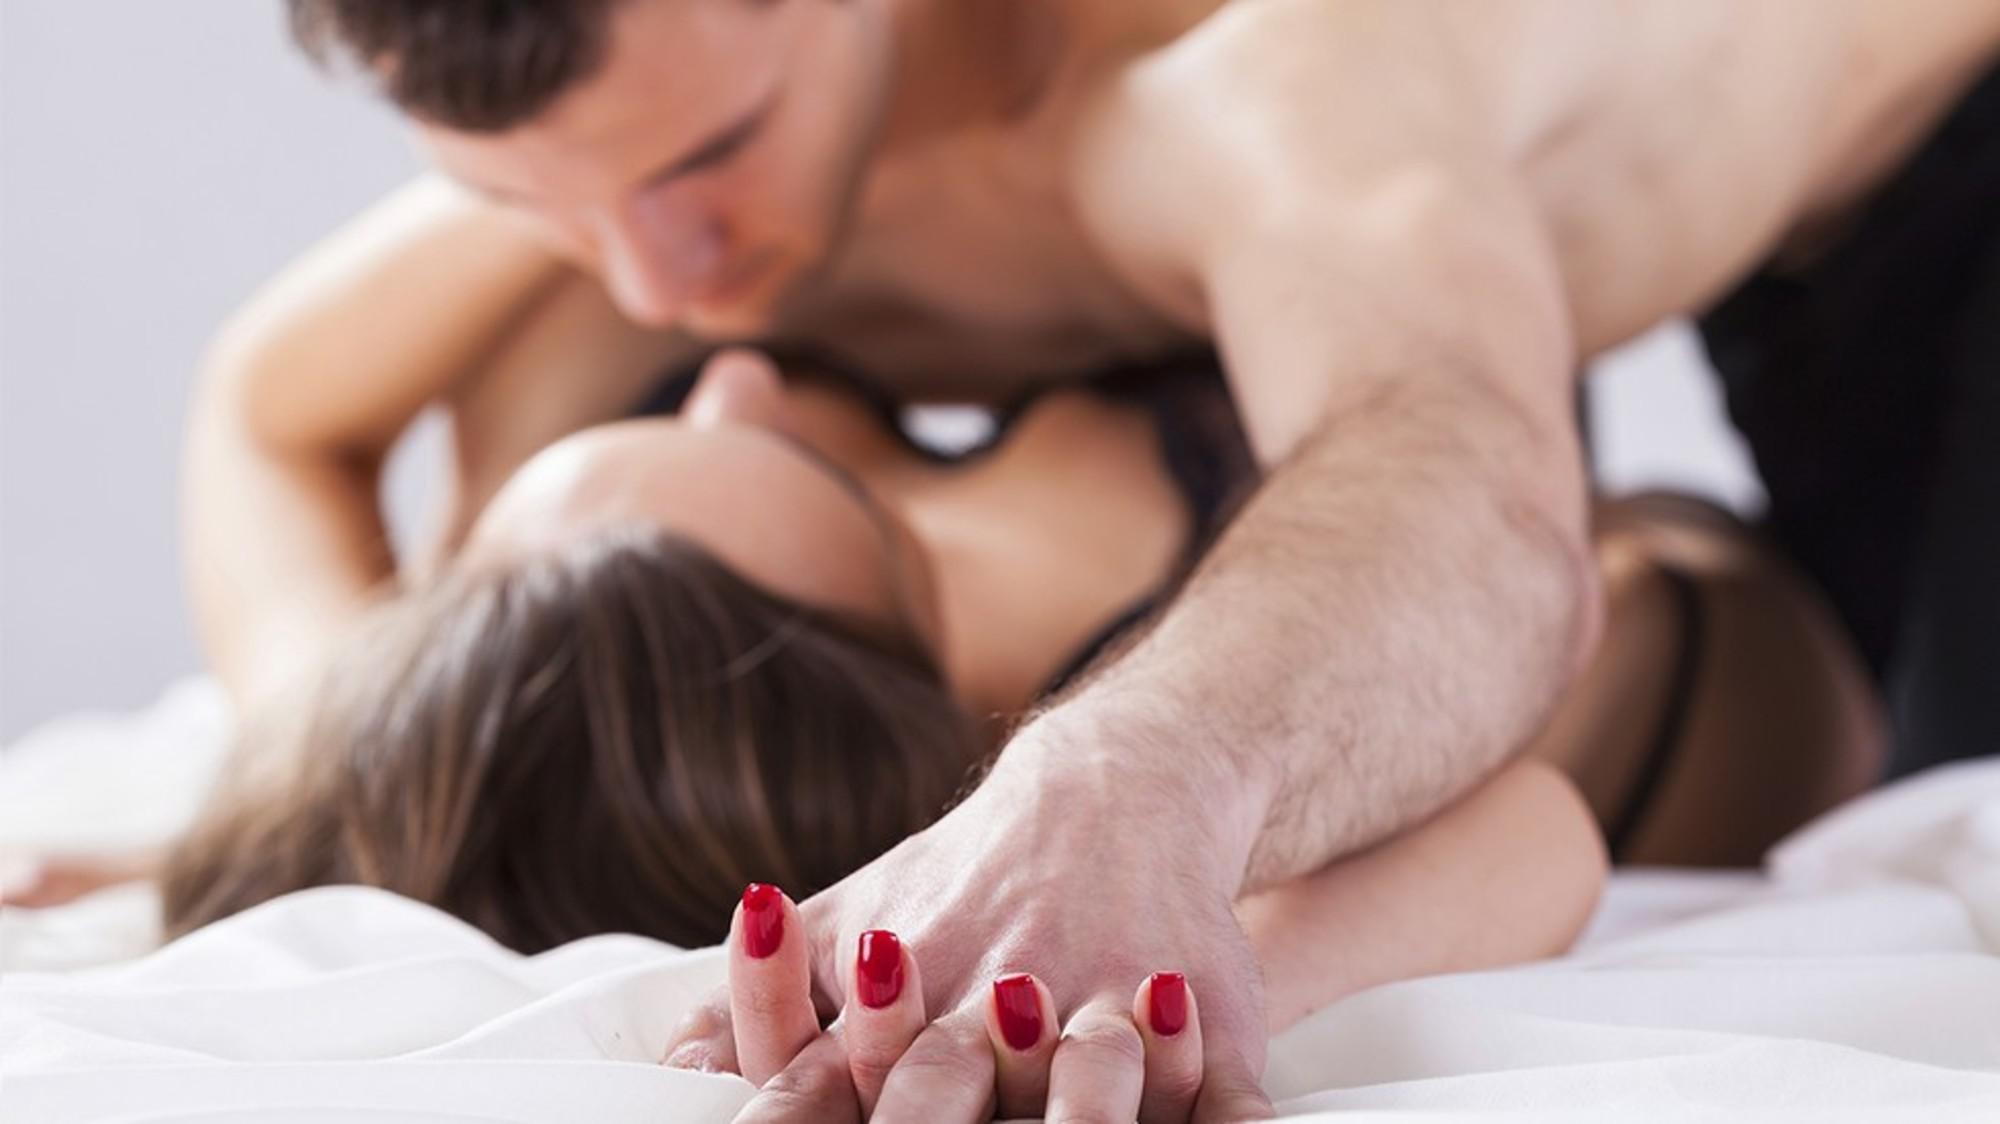 Секс домашний по руски, Русское домашнее порно видео - частный русский секс 15 фотография